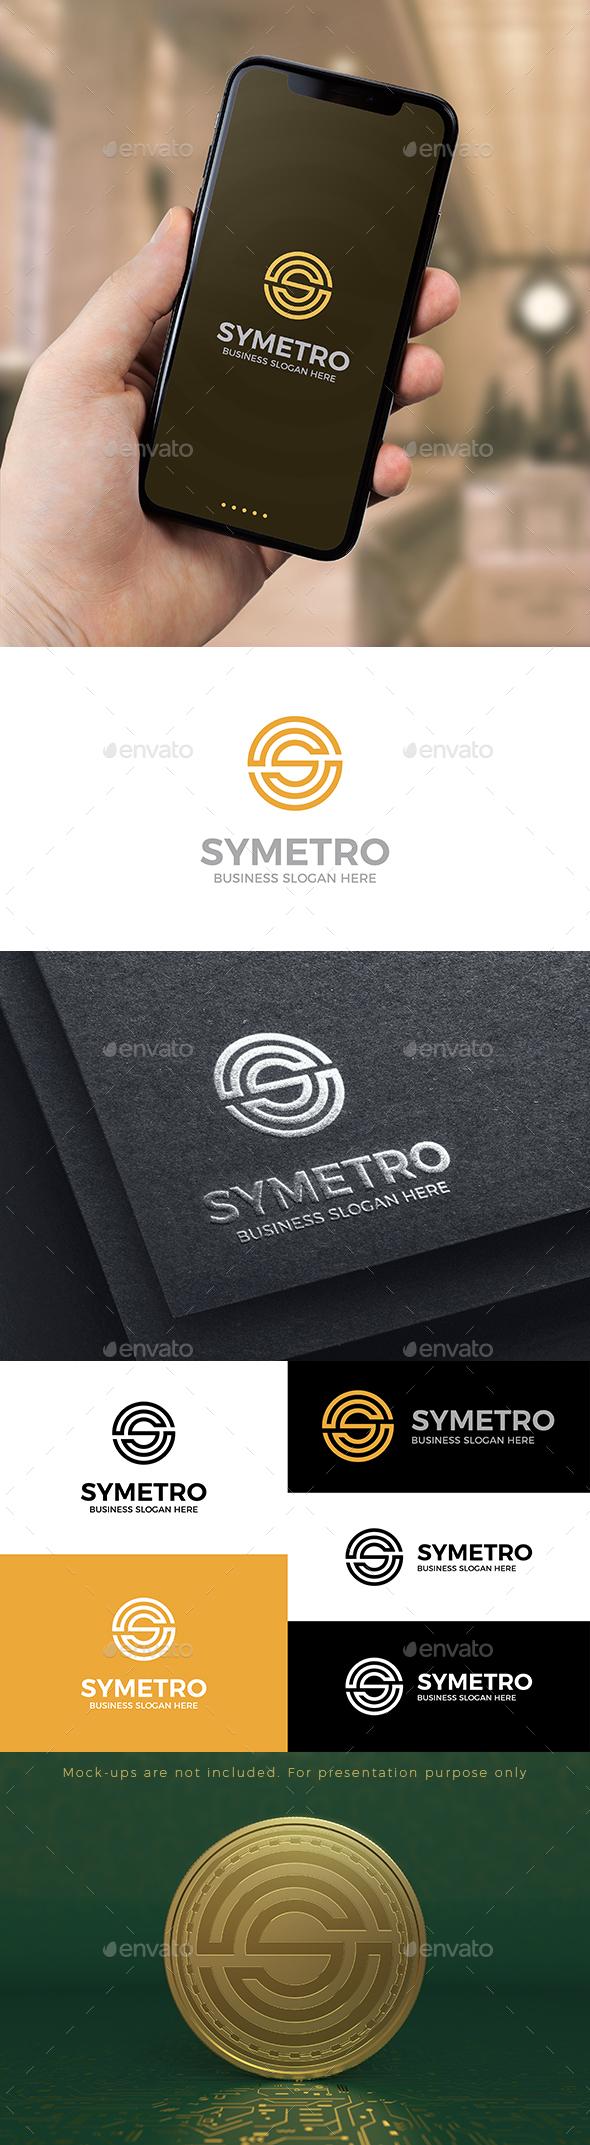 S Logo - Symetro